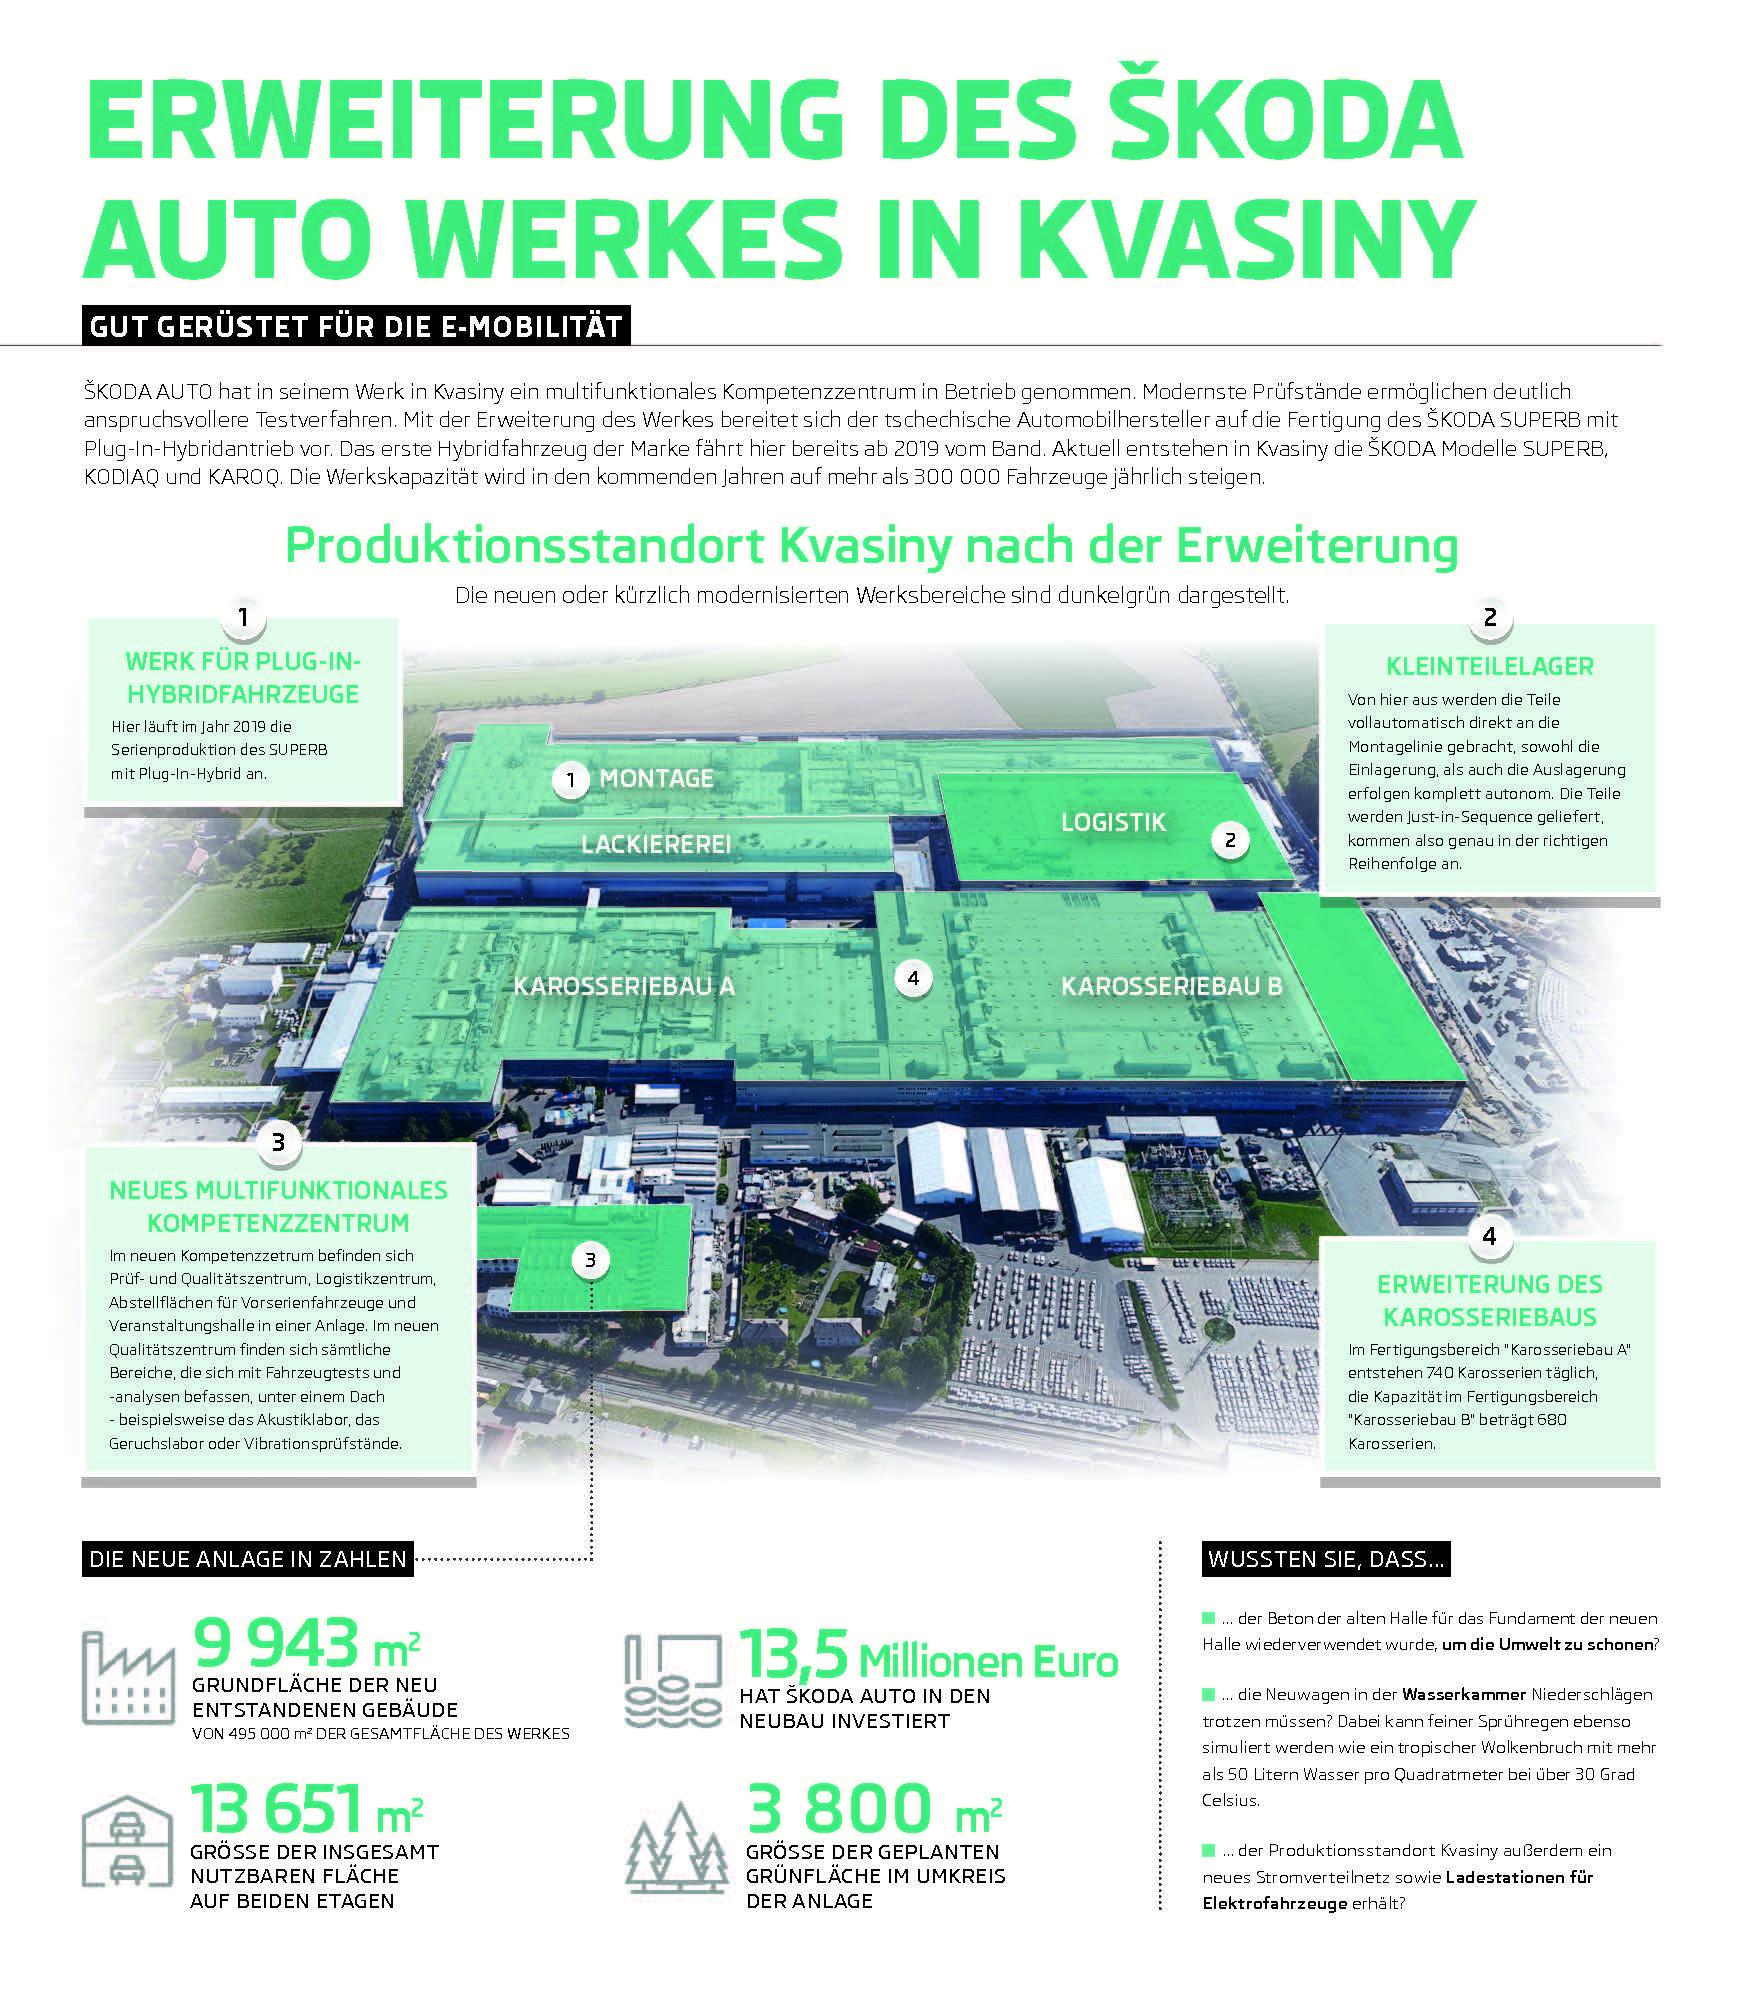 Erweiterung des ŠKODA AUTO Werkes in Kvasiny